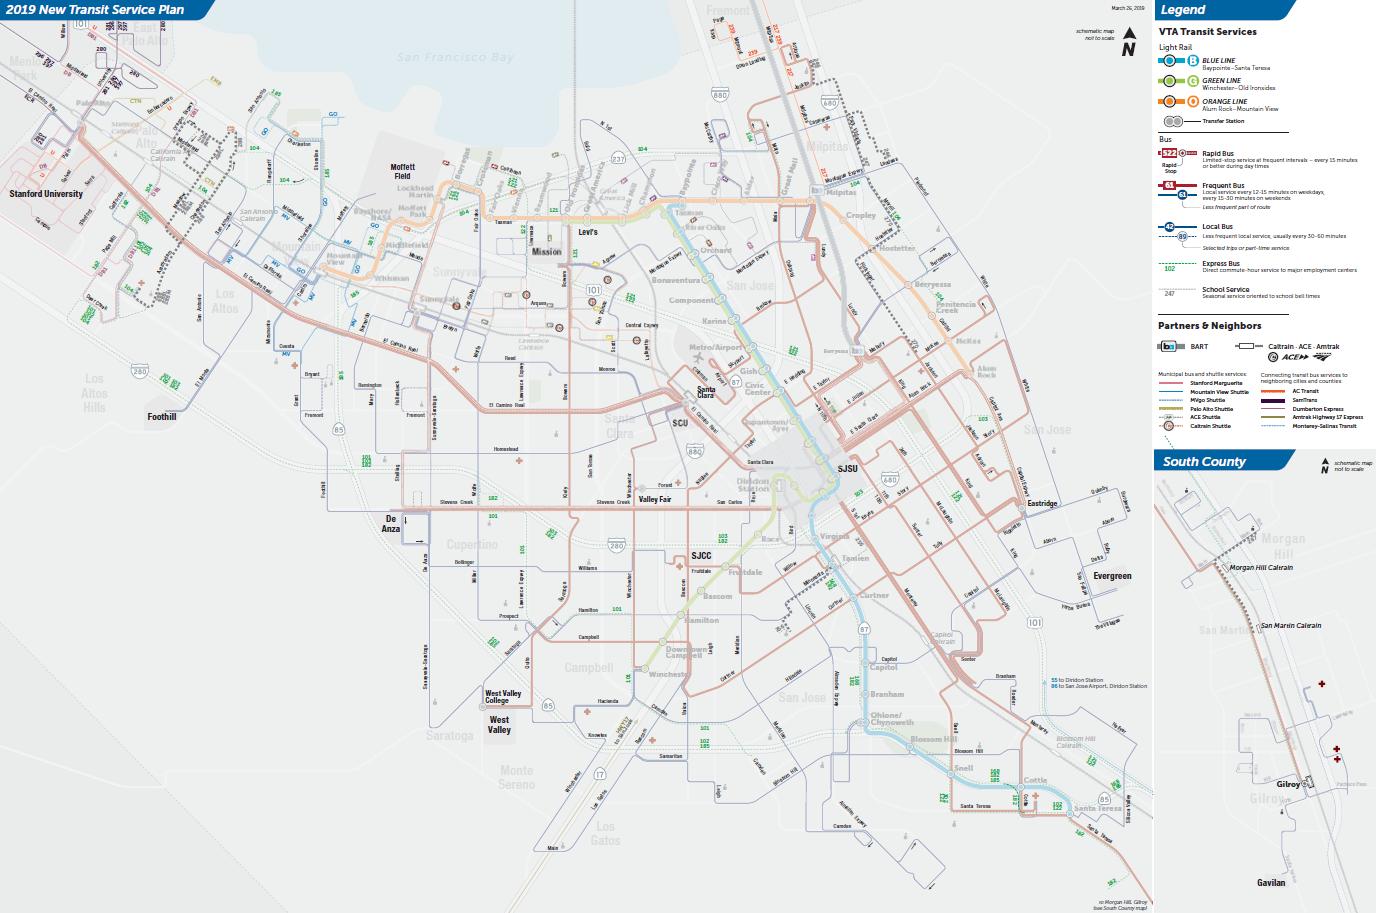 2019년 새로운 최종 교통 서비스 계획 학교 이동 노선 지도  (PDF)